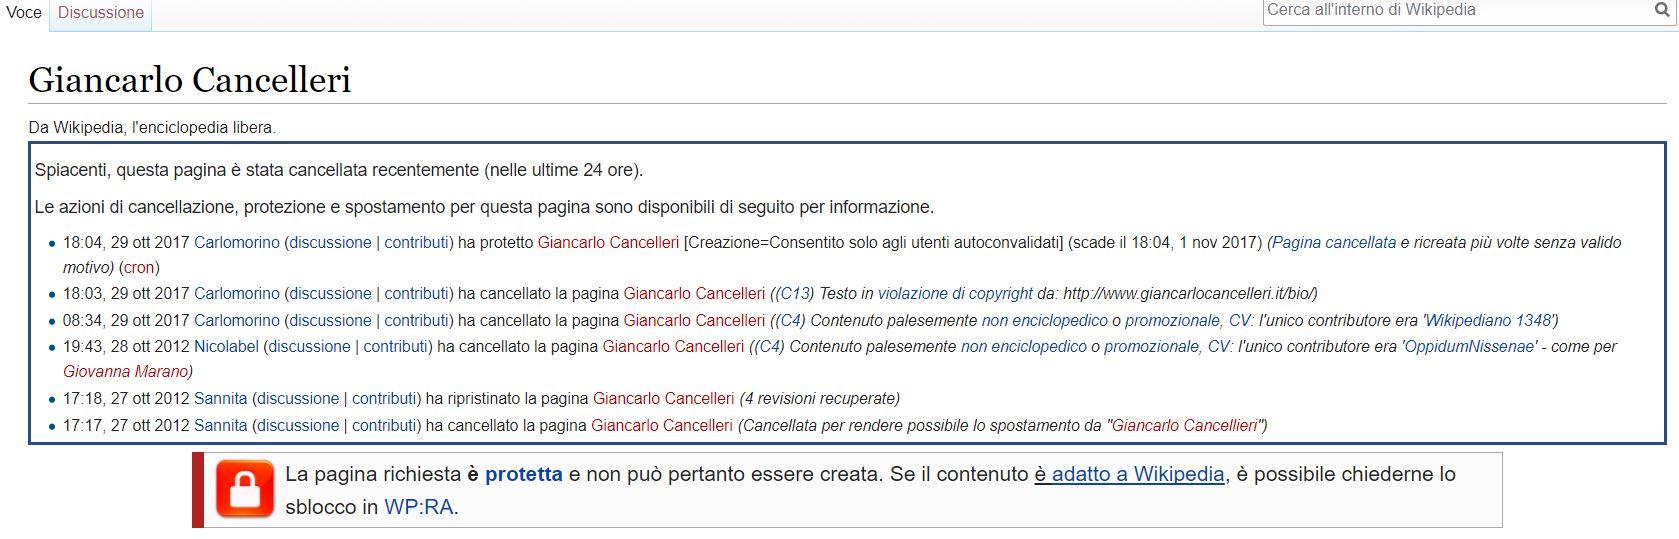 giancarlo cancelleri wikipedia